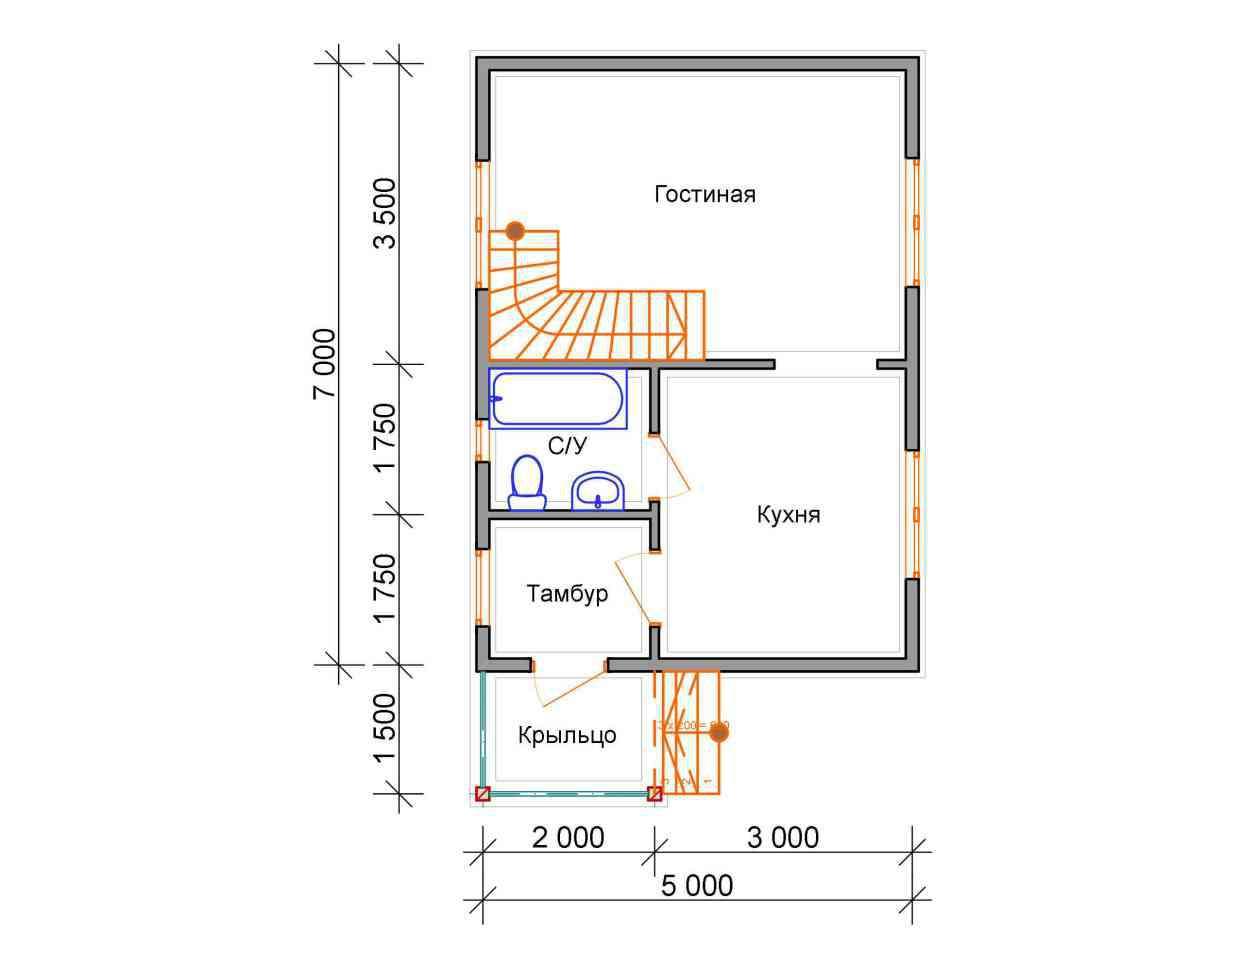 дом из бруса 7 на 5 план 1 этажа гольцово